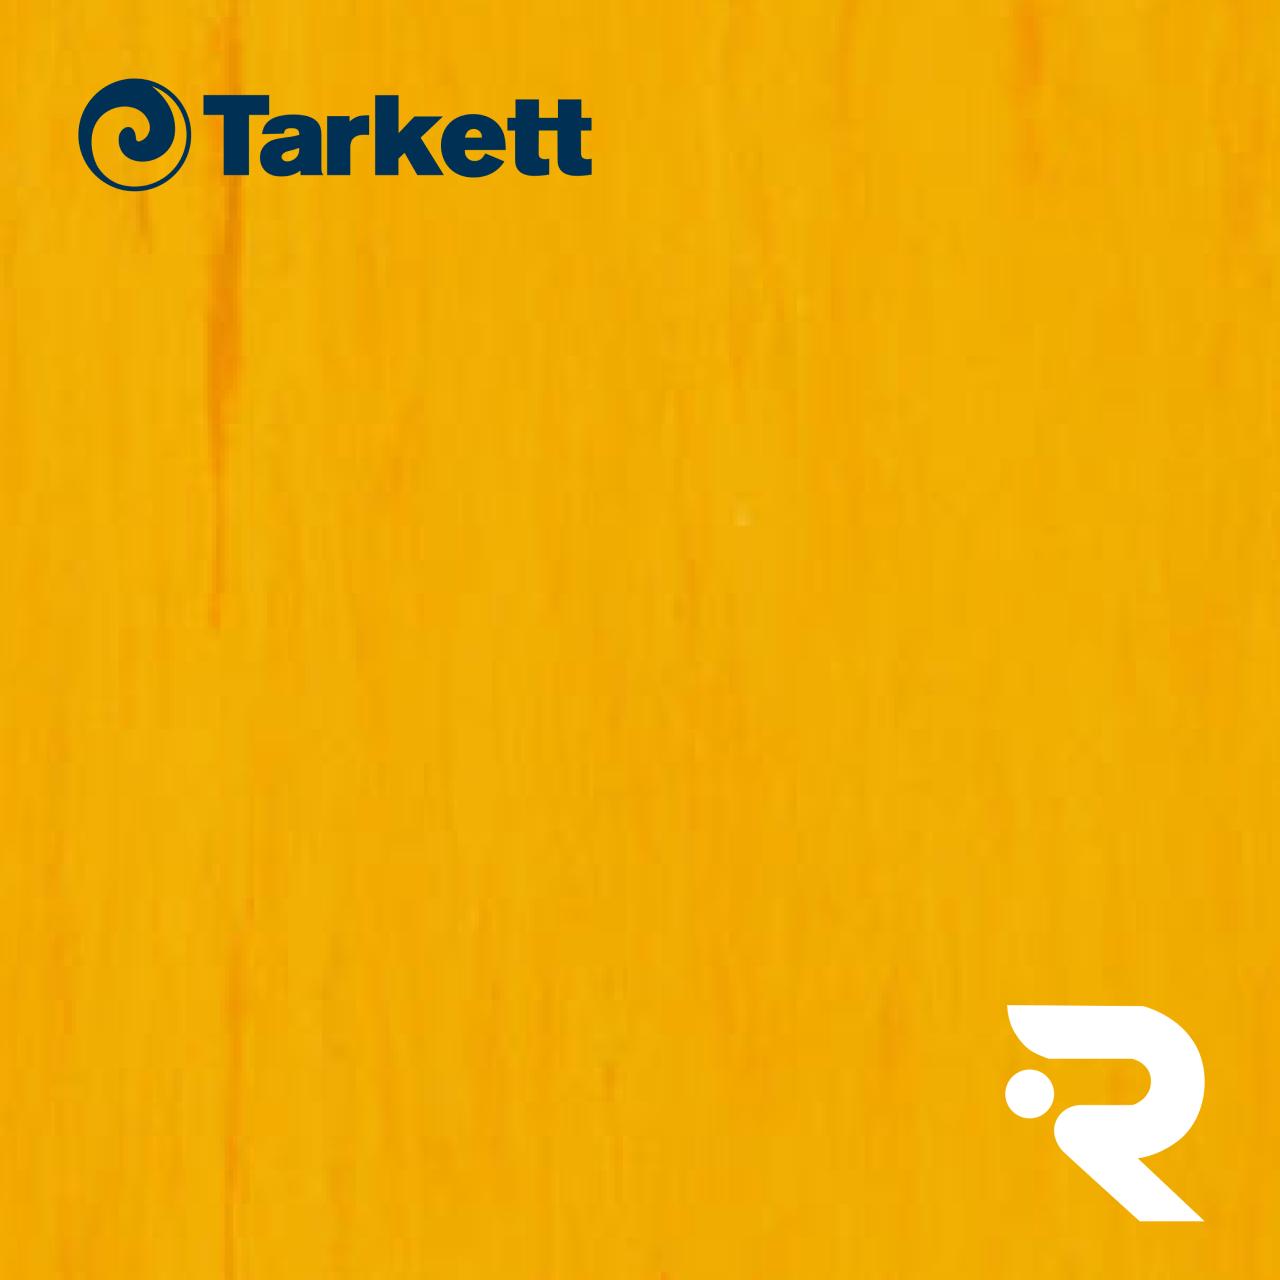 🏫 Гомогенний лінолеум Tarkett   Standard ORANGE 0917   Standard Plus 2.0 mm   2 х 23 м